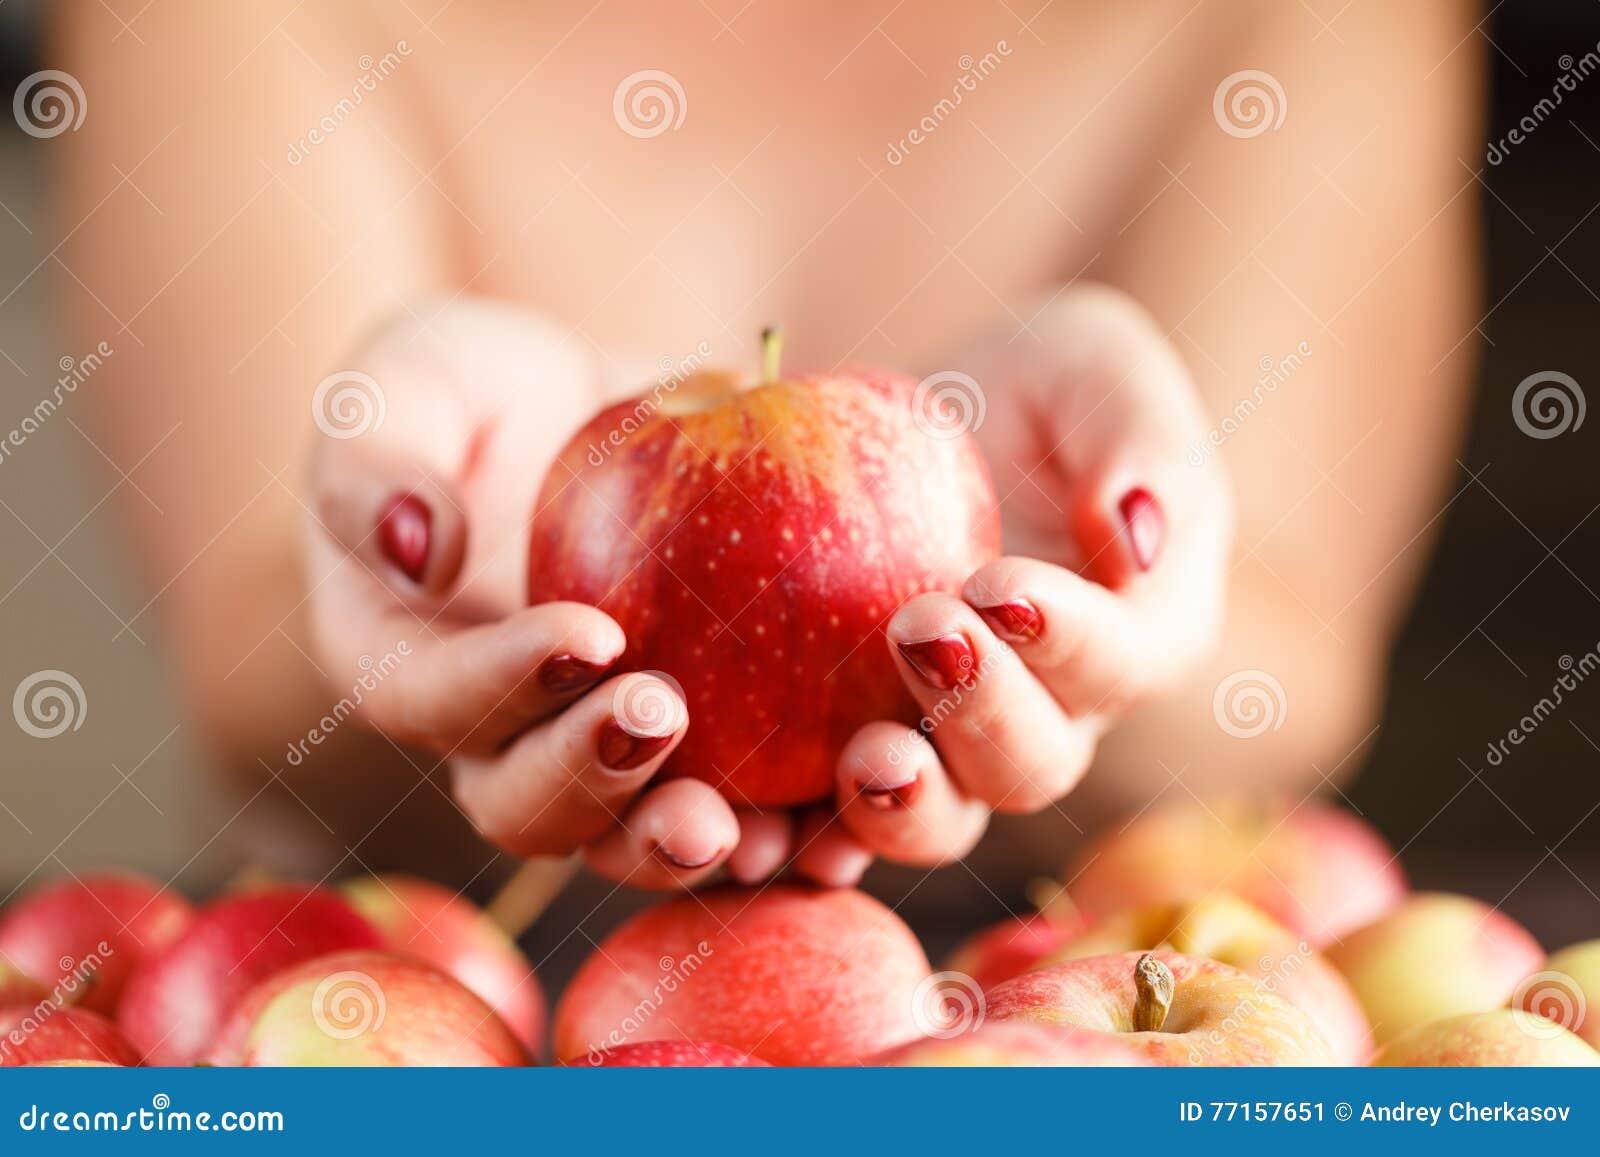 Belle fille tenant une pomme dans sa main La fille offre